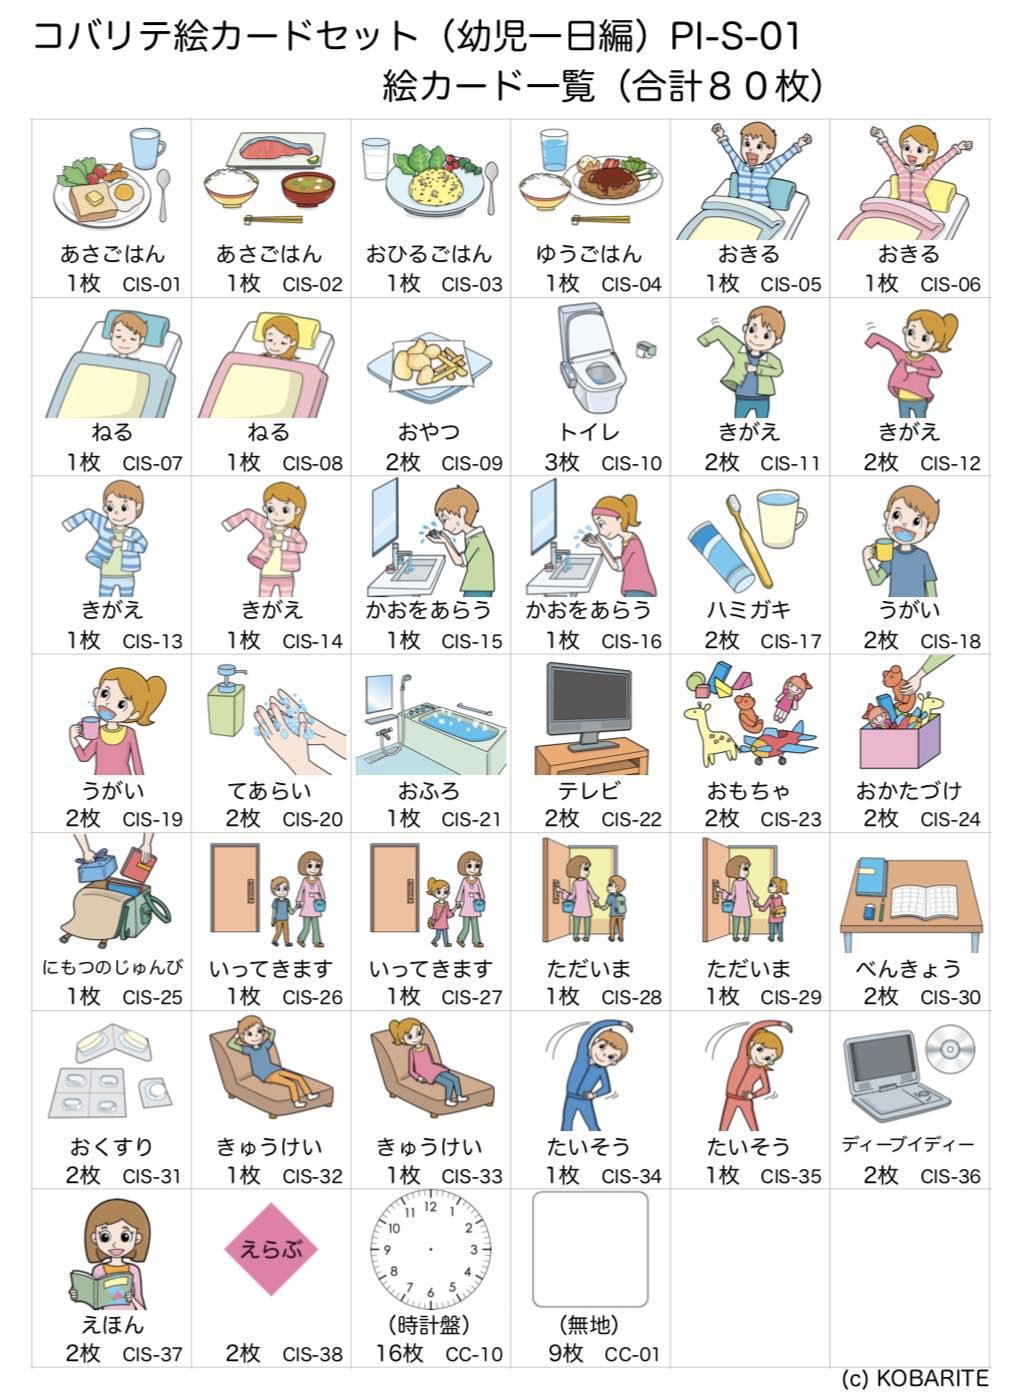 コバリテ絵カードセット(幼児一日編)一覧表